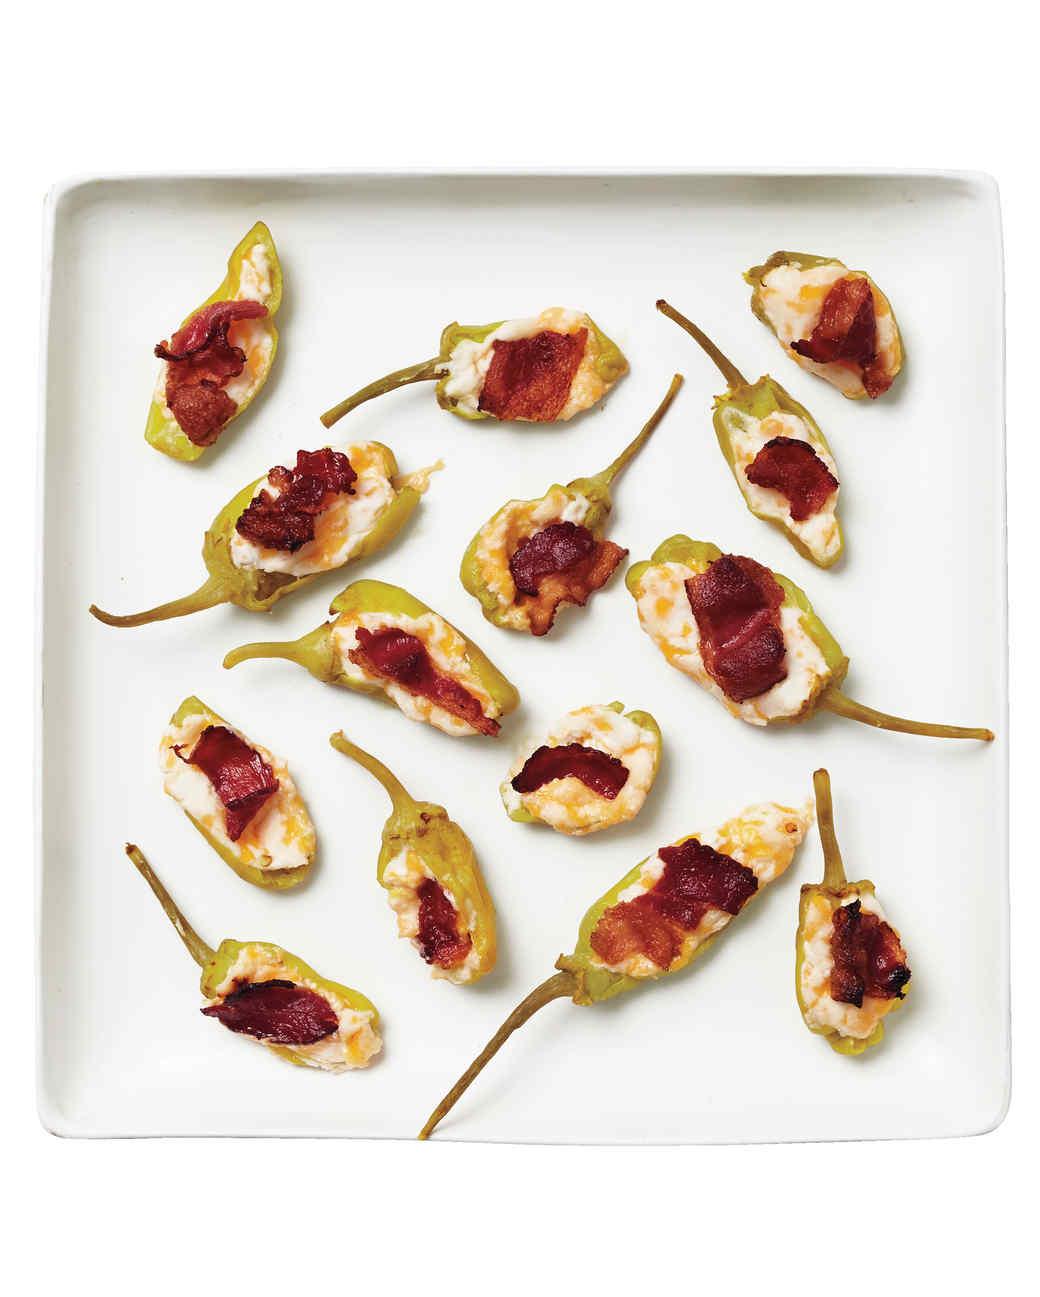 bacon-poppers-021-d111968.jpg